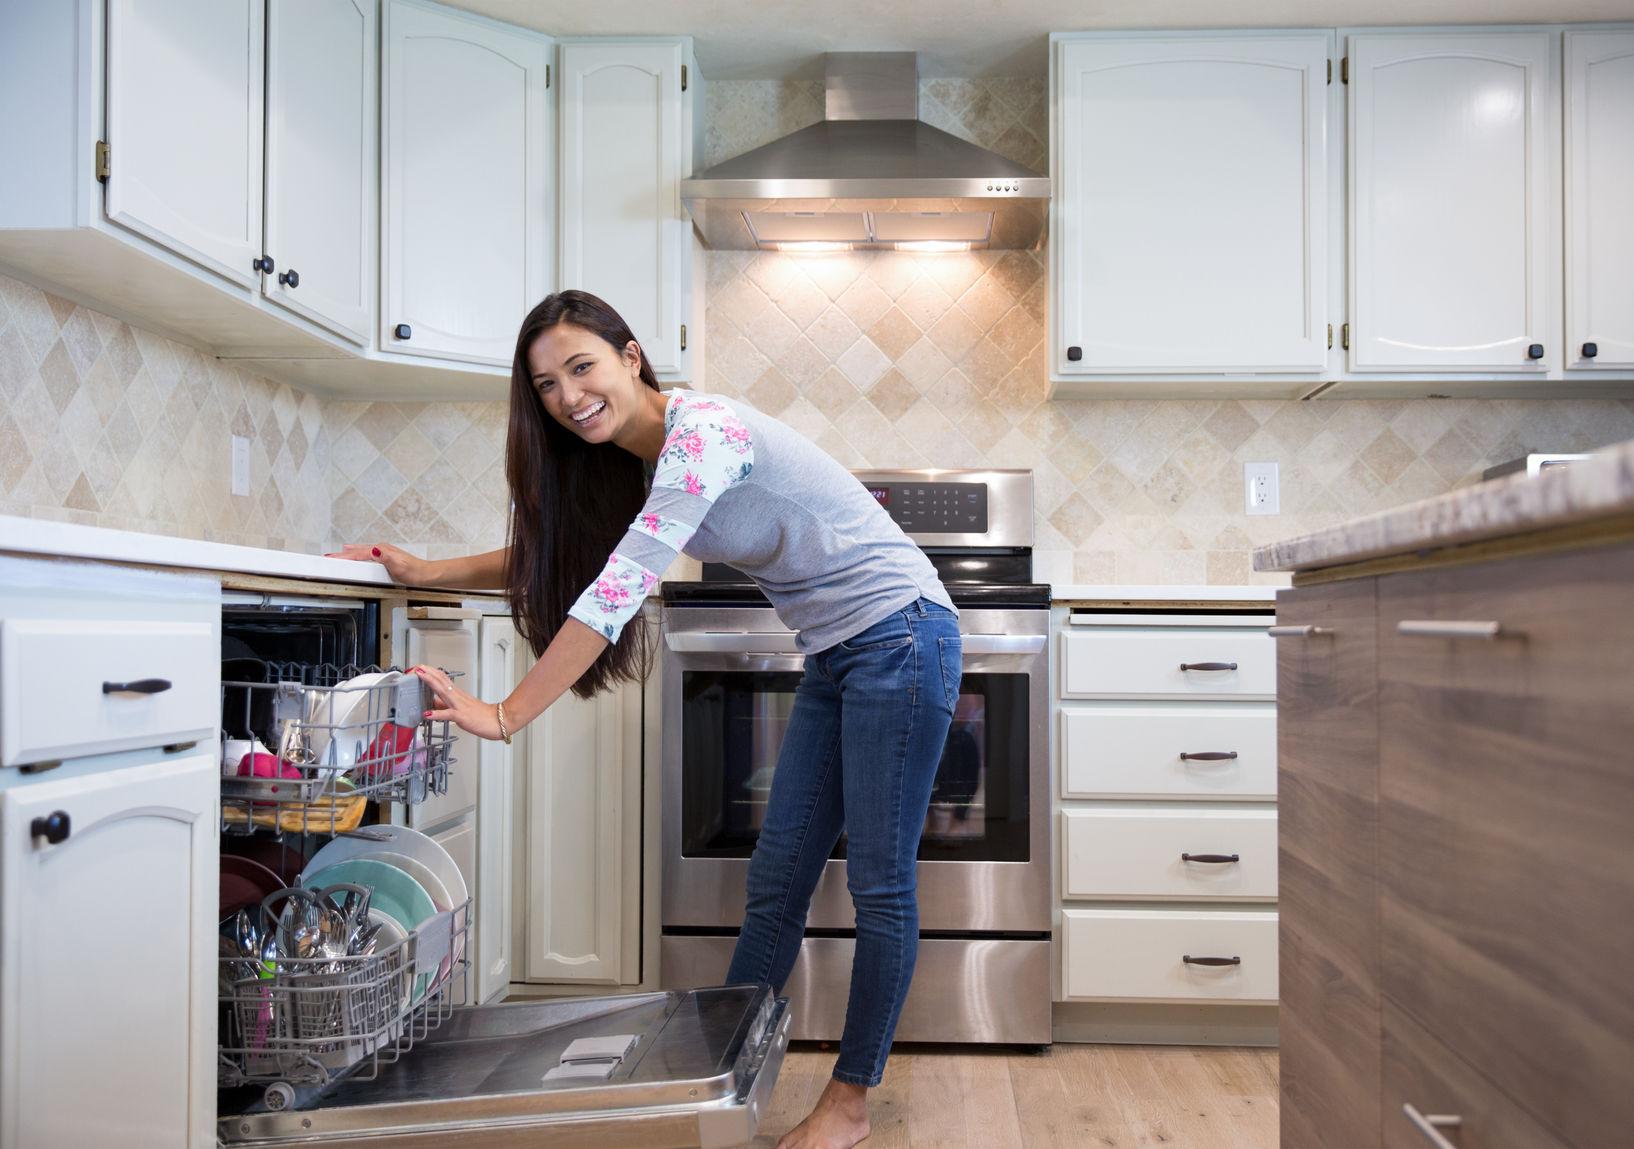 ᐅ Vollintegrierter Geschirrspuler Test 2019 Welcher Spult Besser